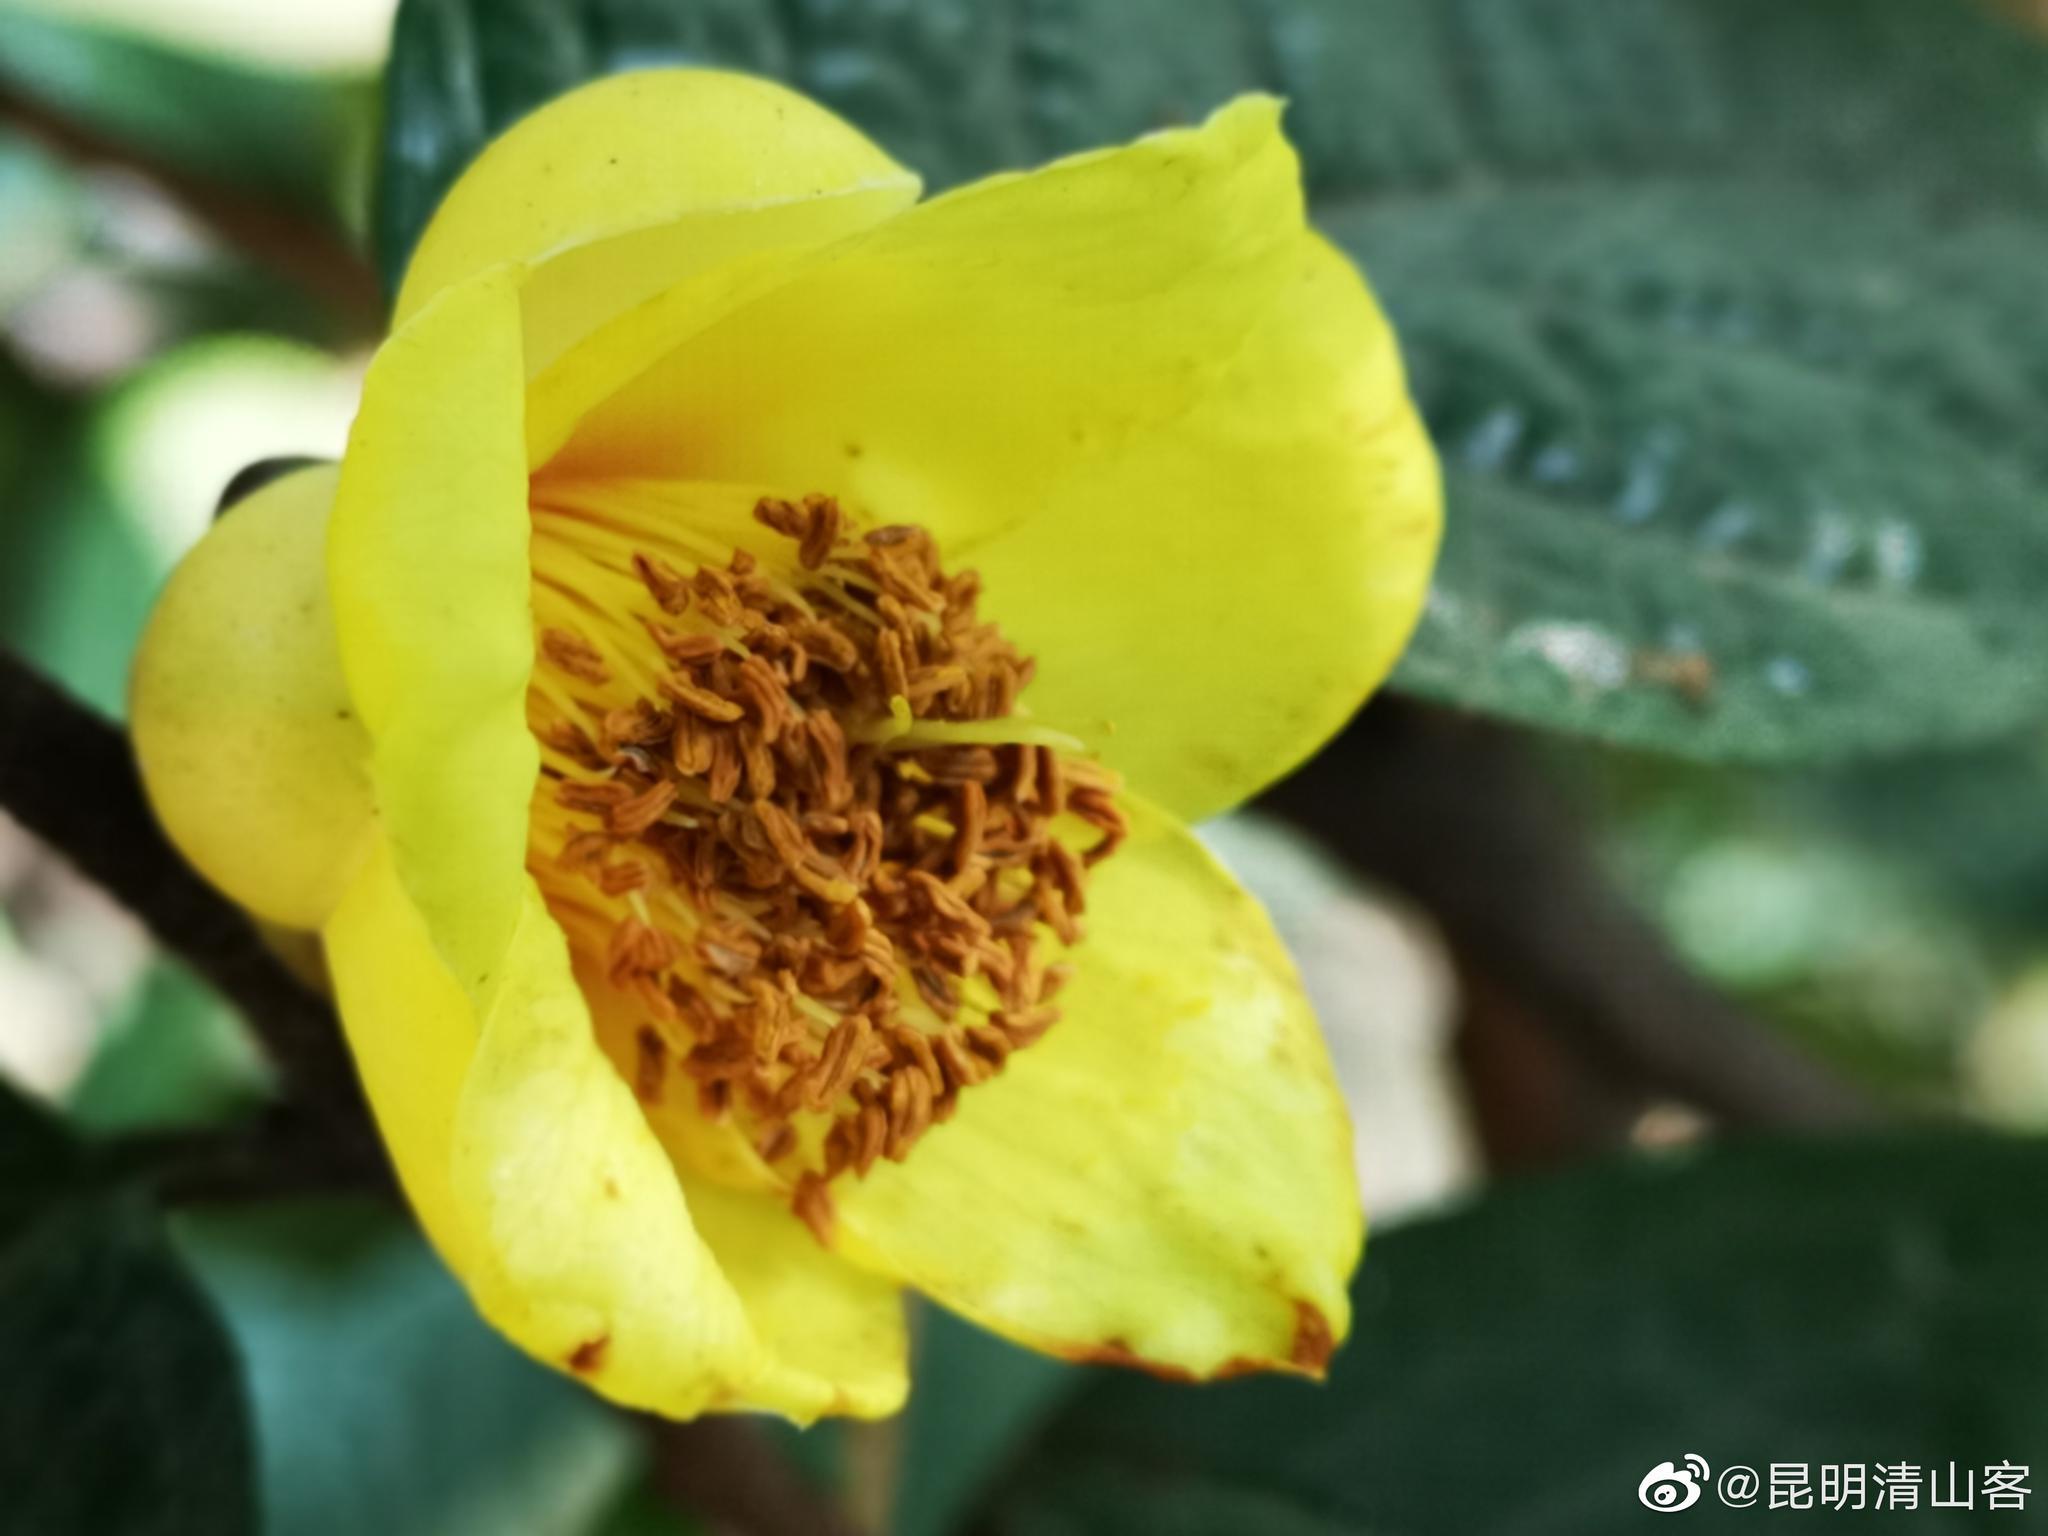 昆明植物园东园漂亮的金茶花@中国图库冯飞燕 @中国图库tukuchina @镜